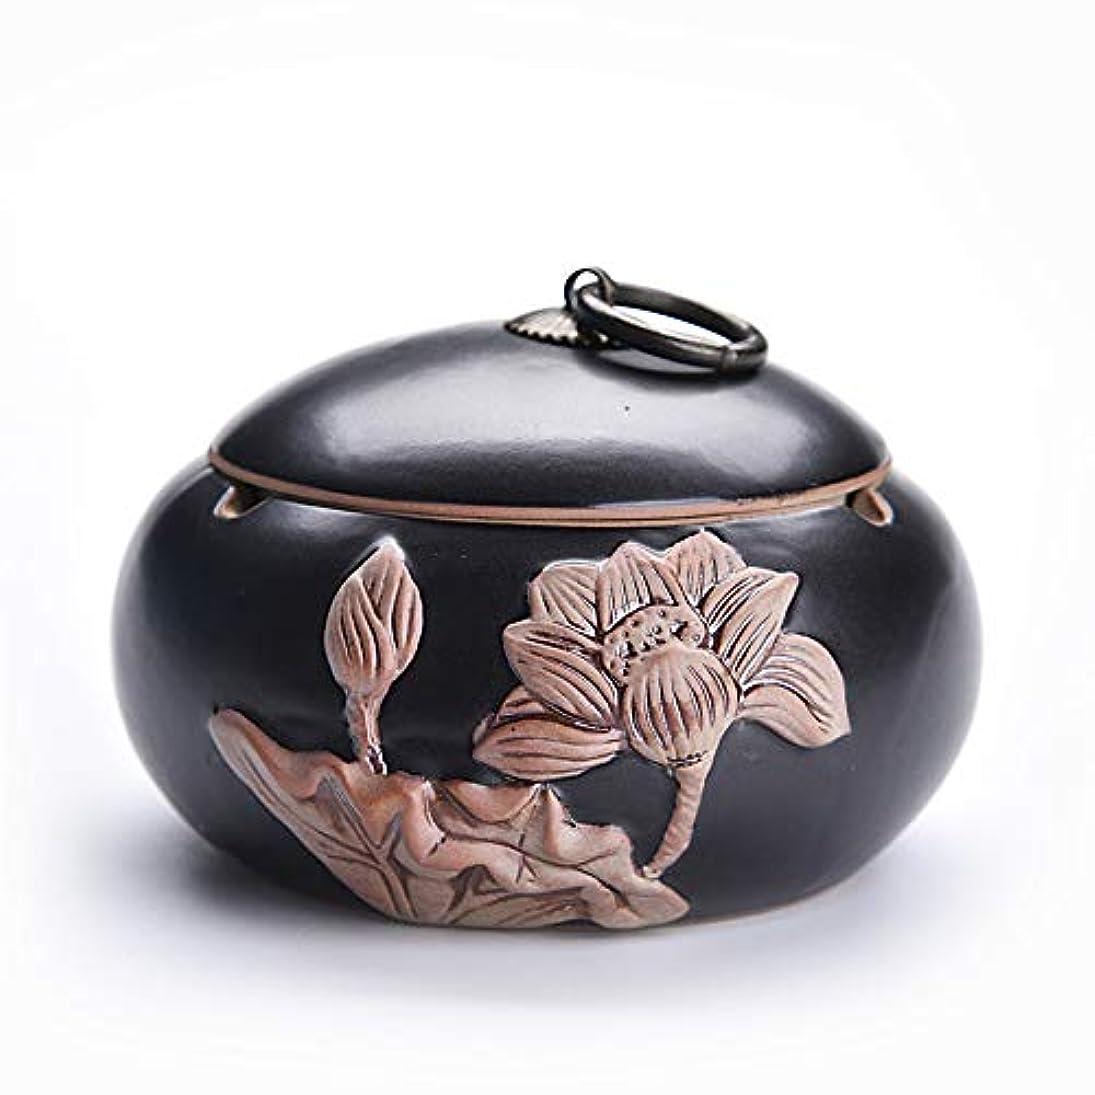 ボーダー魔術師スタジオ中国のレトロな創造的な鍋形セラミック灰皿ふた付き